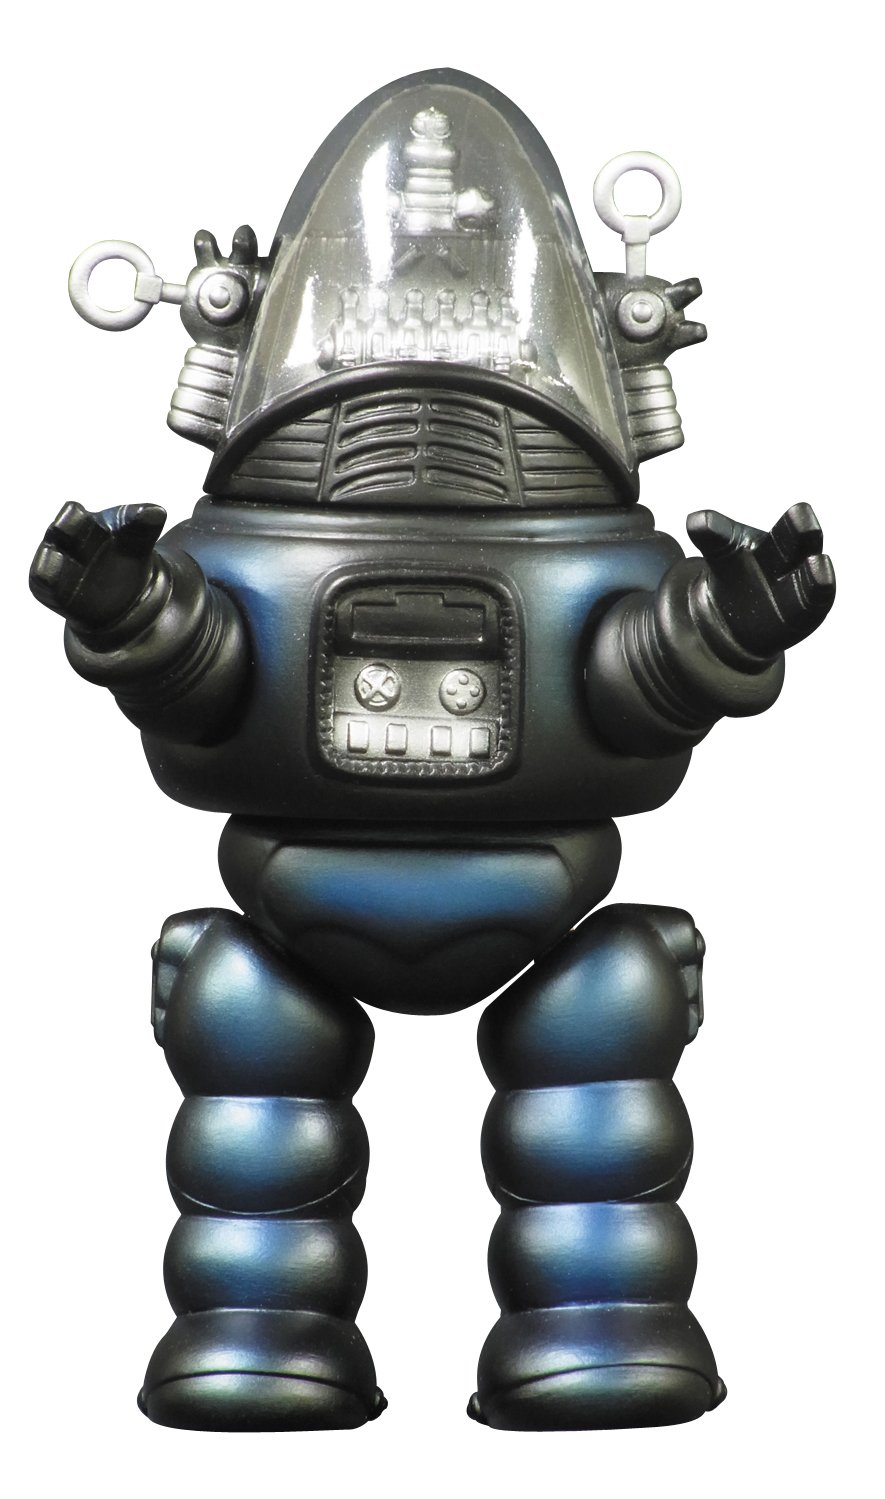 ロビーザロボット レトロソフビ (PVC塗装済み完成品) B008VTLT8E